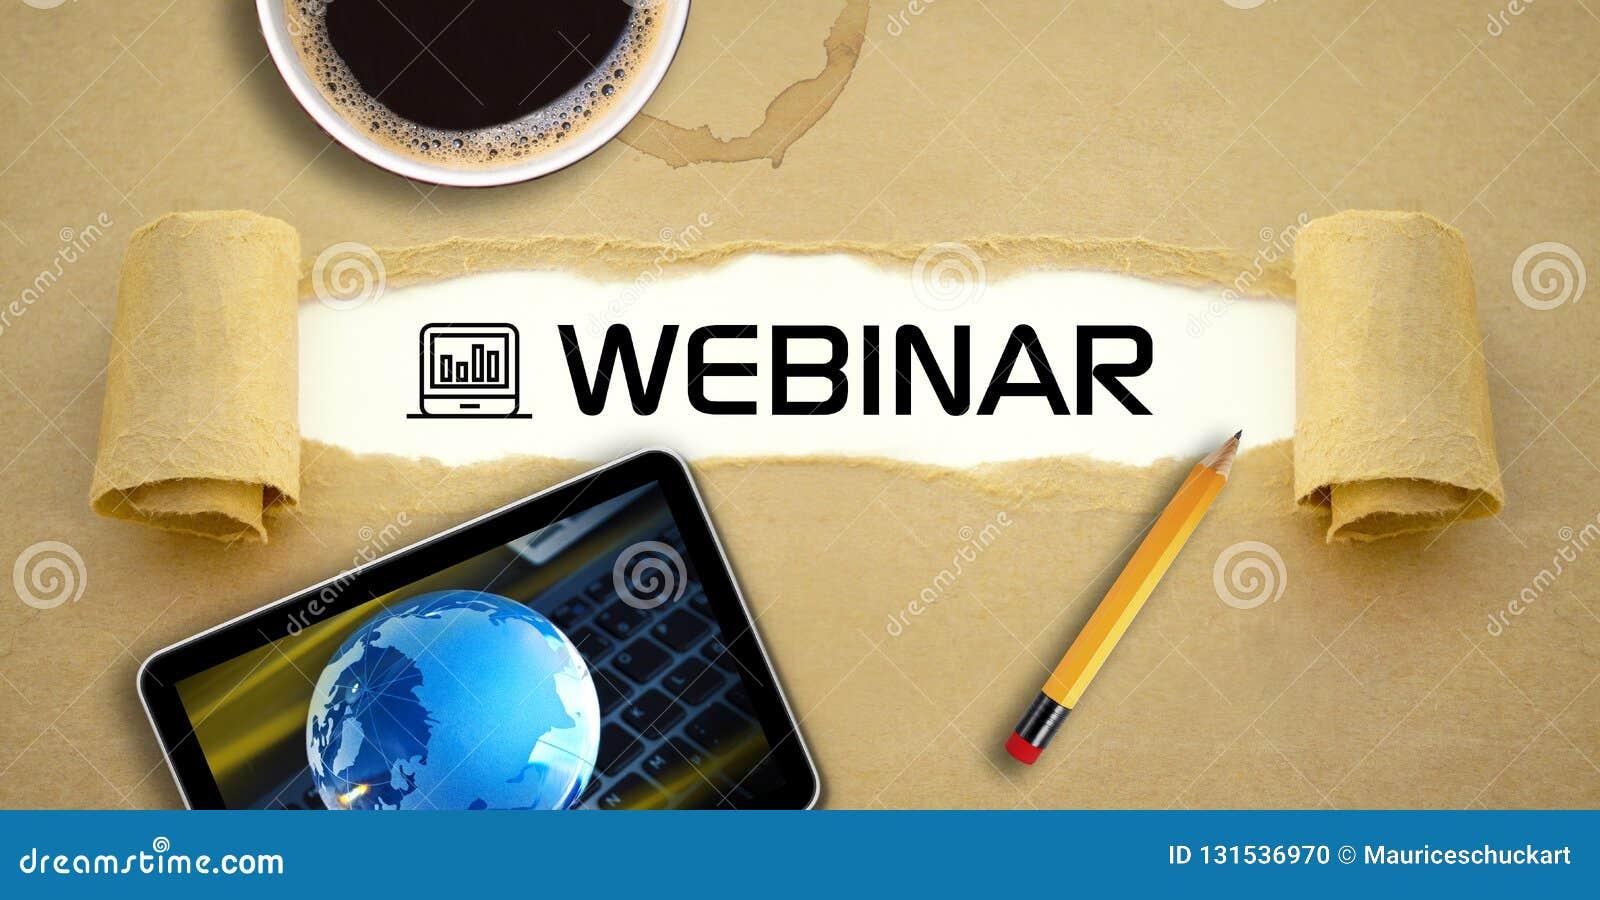 Curso em linha de aprendizagem em linha webinar do ensino eletrónico